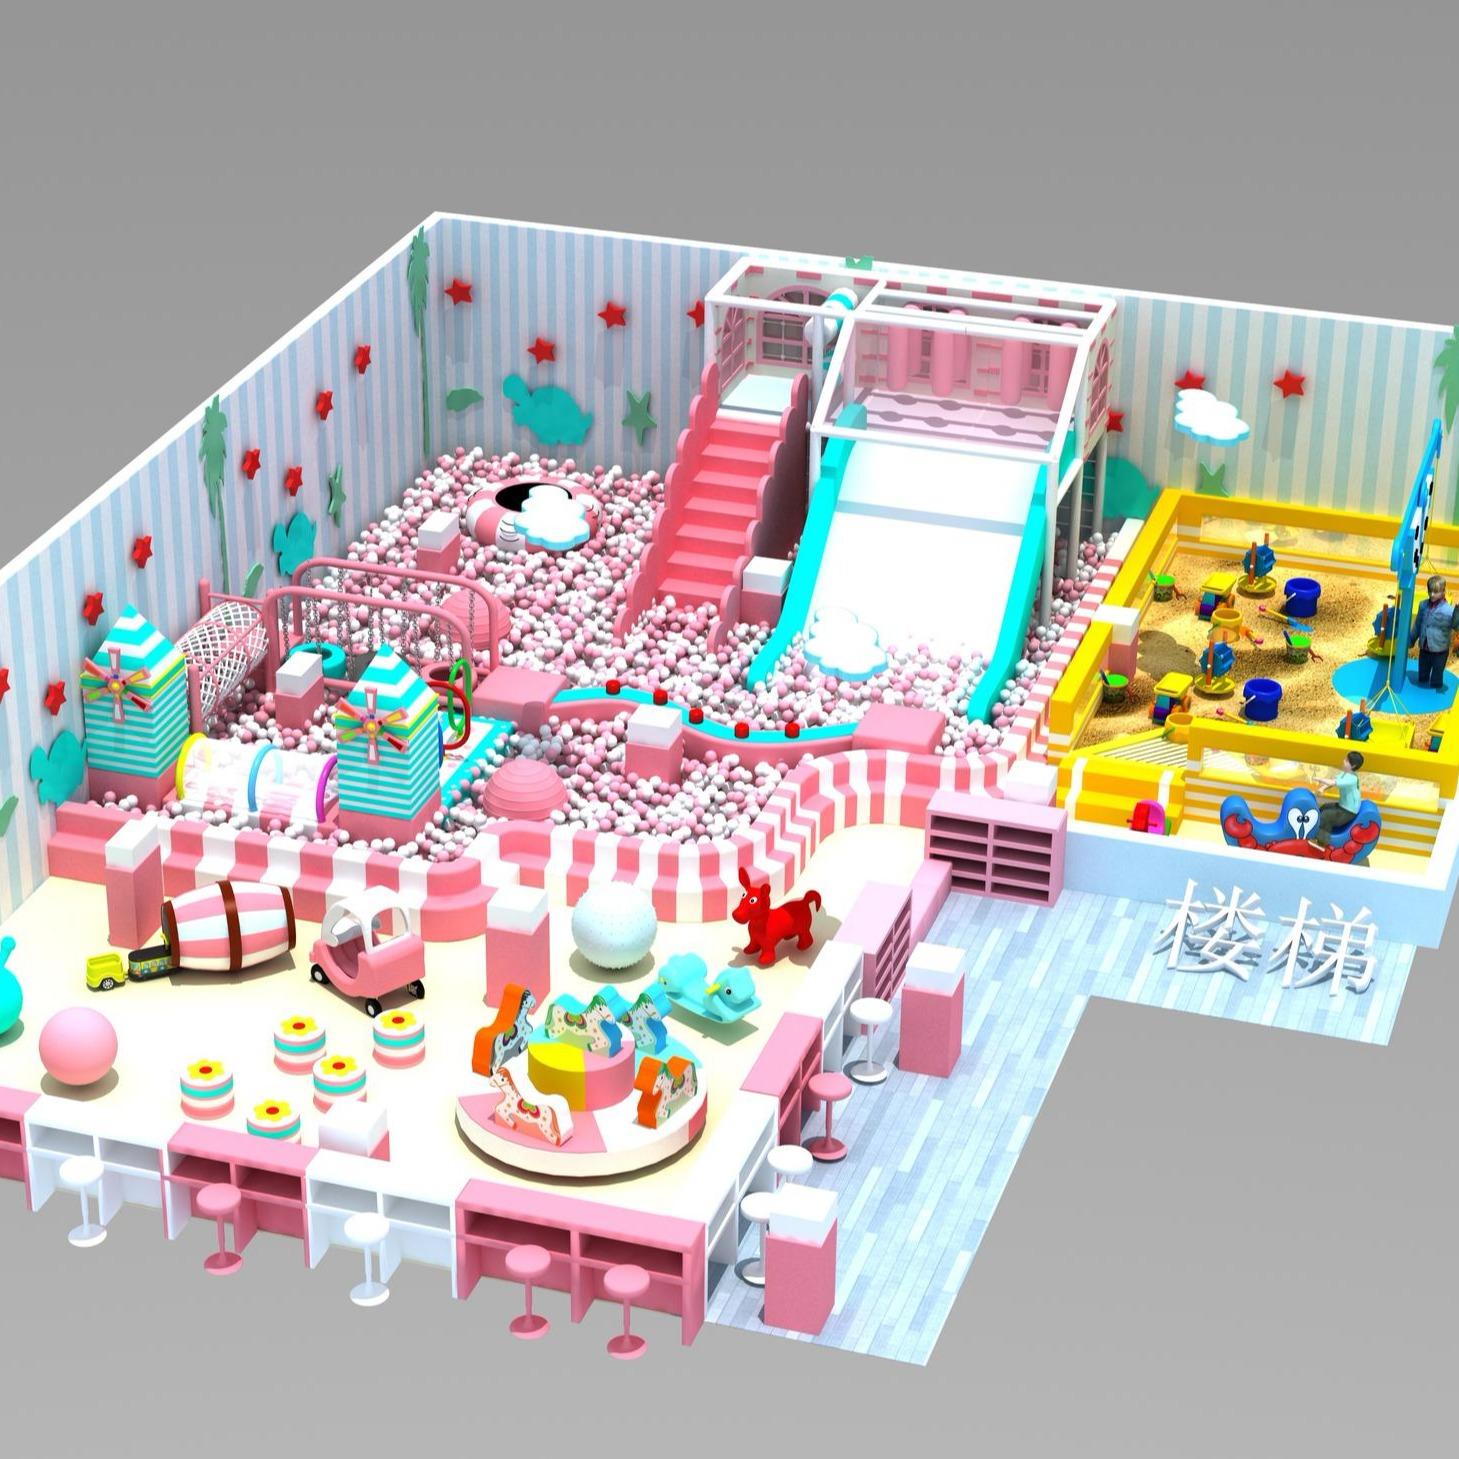 厂家直销    百万海洋球池儿童乐园     淘气堡    波波球池儿童室内闯关设备